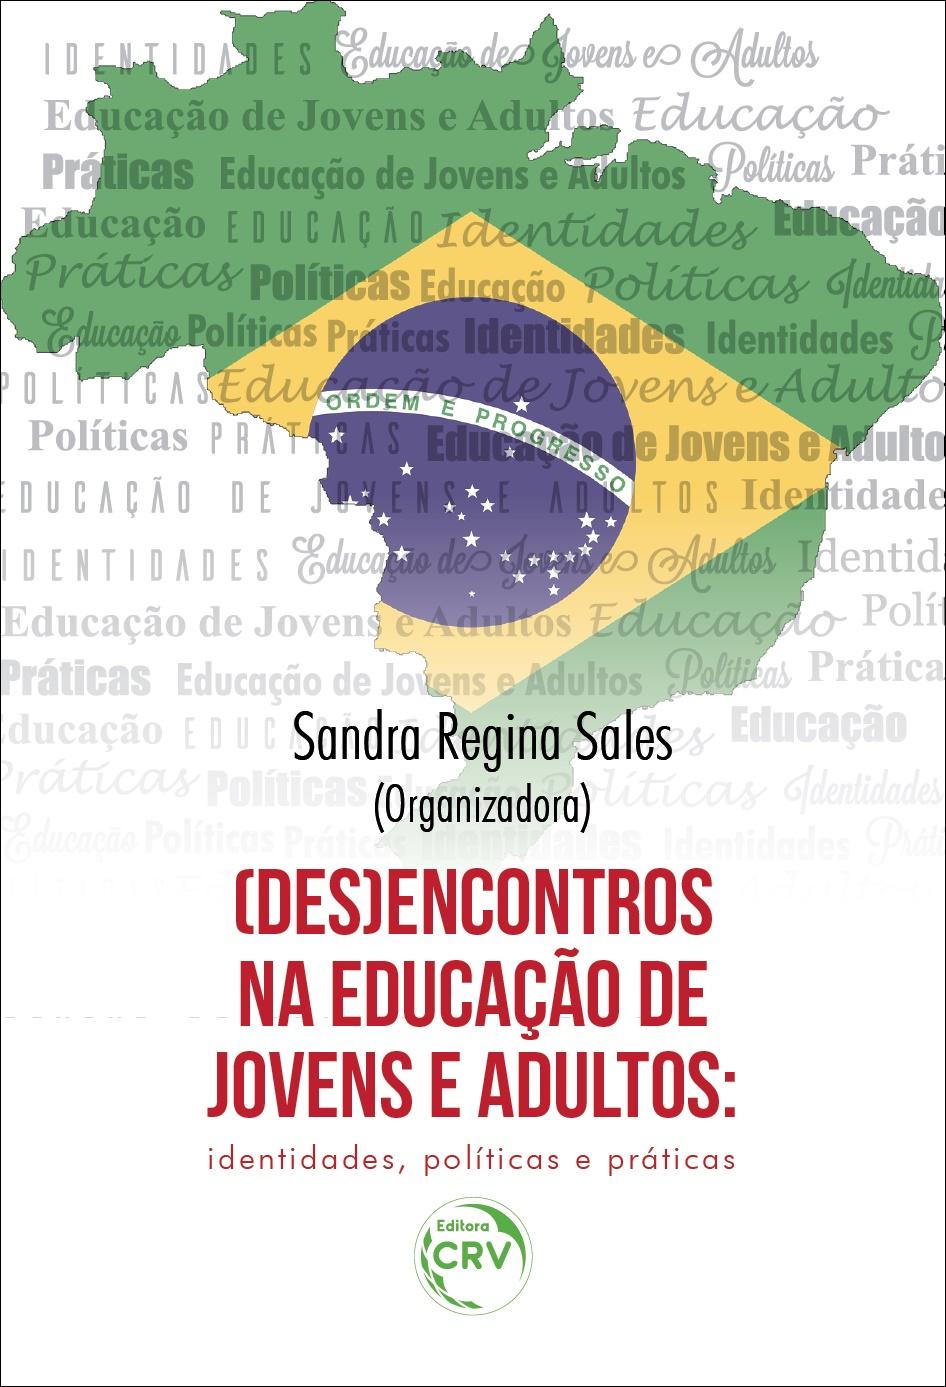 Capa do livro: (DES)ENCONTROS NA EDUCAÇÃO DE JOVENS E ADULTOS: <br> identidades, políticas e práticas